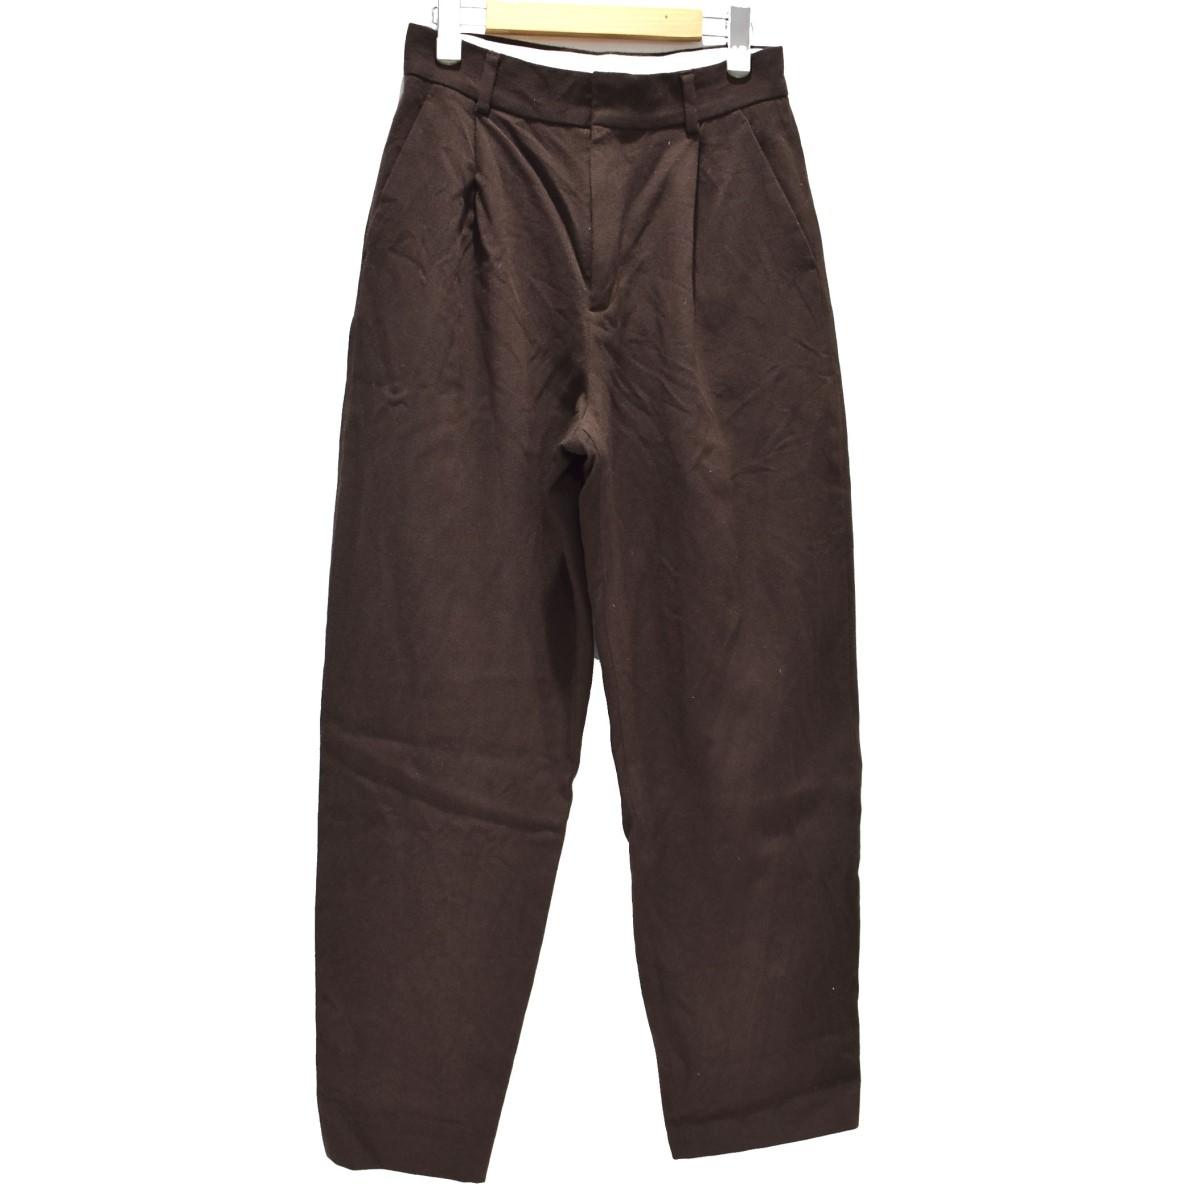 【中古】6(ROKU) BEAUTY&YOUTH KERSEY PANTS ワイドパンツ ブラウン サイズ:38 【060520】(ロク ビューティーアンドユース)